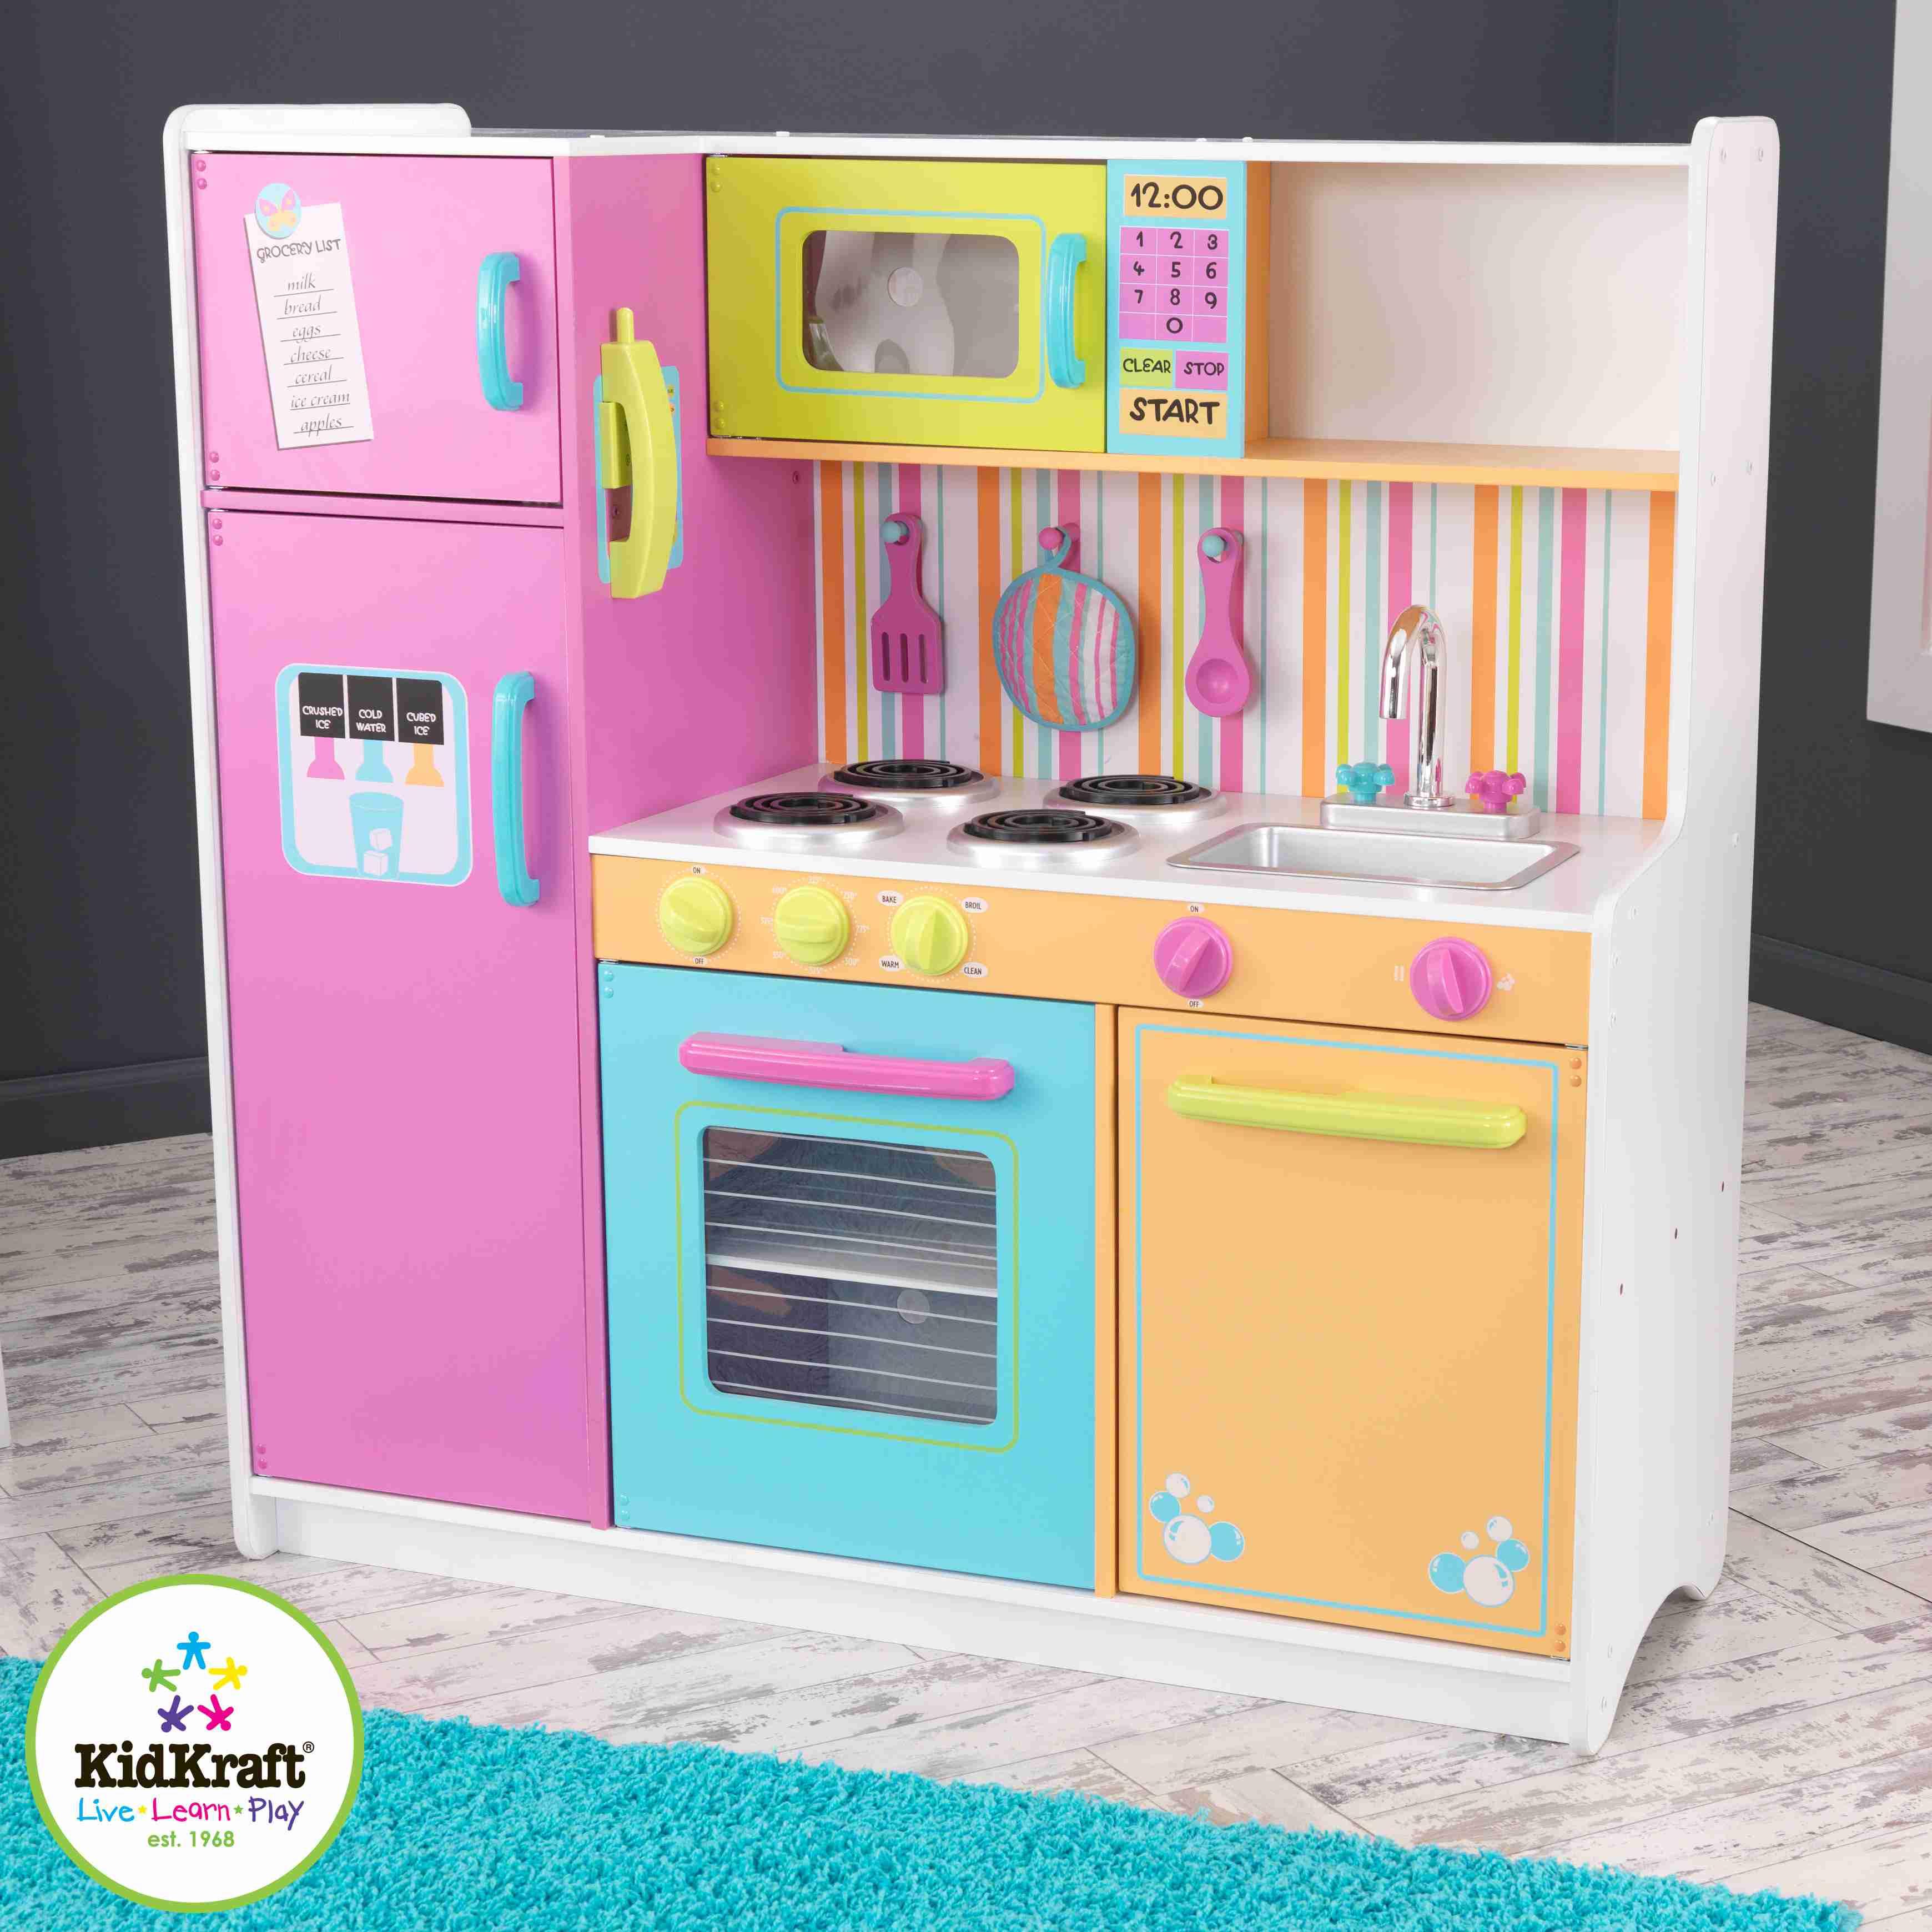 Marvelous Kidkraft Bright Kitchen Accessories Part - 2: Kidkraft Deluxe Big U0026 Bright Kitchen